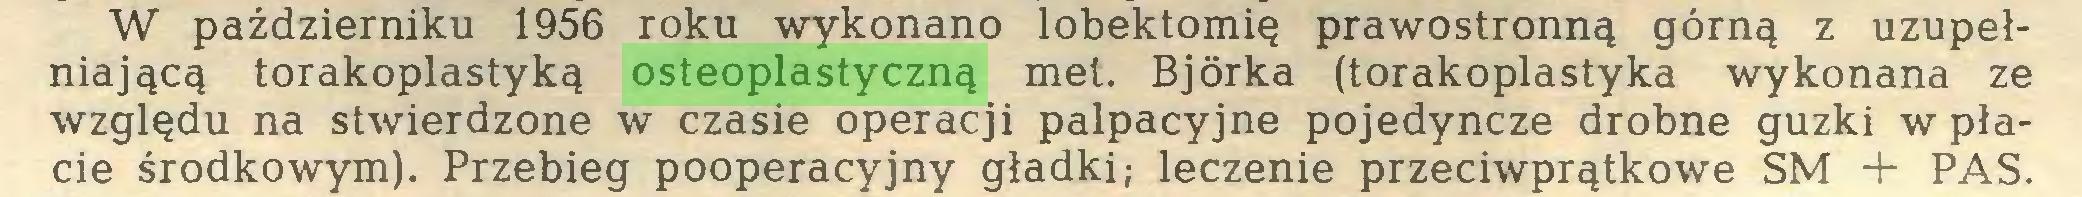 (...) W październiku 1956 roku wykonano lobektomię prawostronną górną z uzupełniającą torakoplastyką osteoplastyczną met. Bjórka (torakoplastyka wykonana ze względu na stwierdzone w czasie operacji palpacyjne pojedyncze drobne guzki w płacie środkowym). Przebieg pooperacyjny gładki; leczenie przeciwprątkowe SM + PAS...